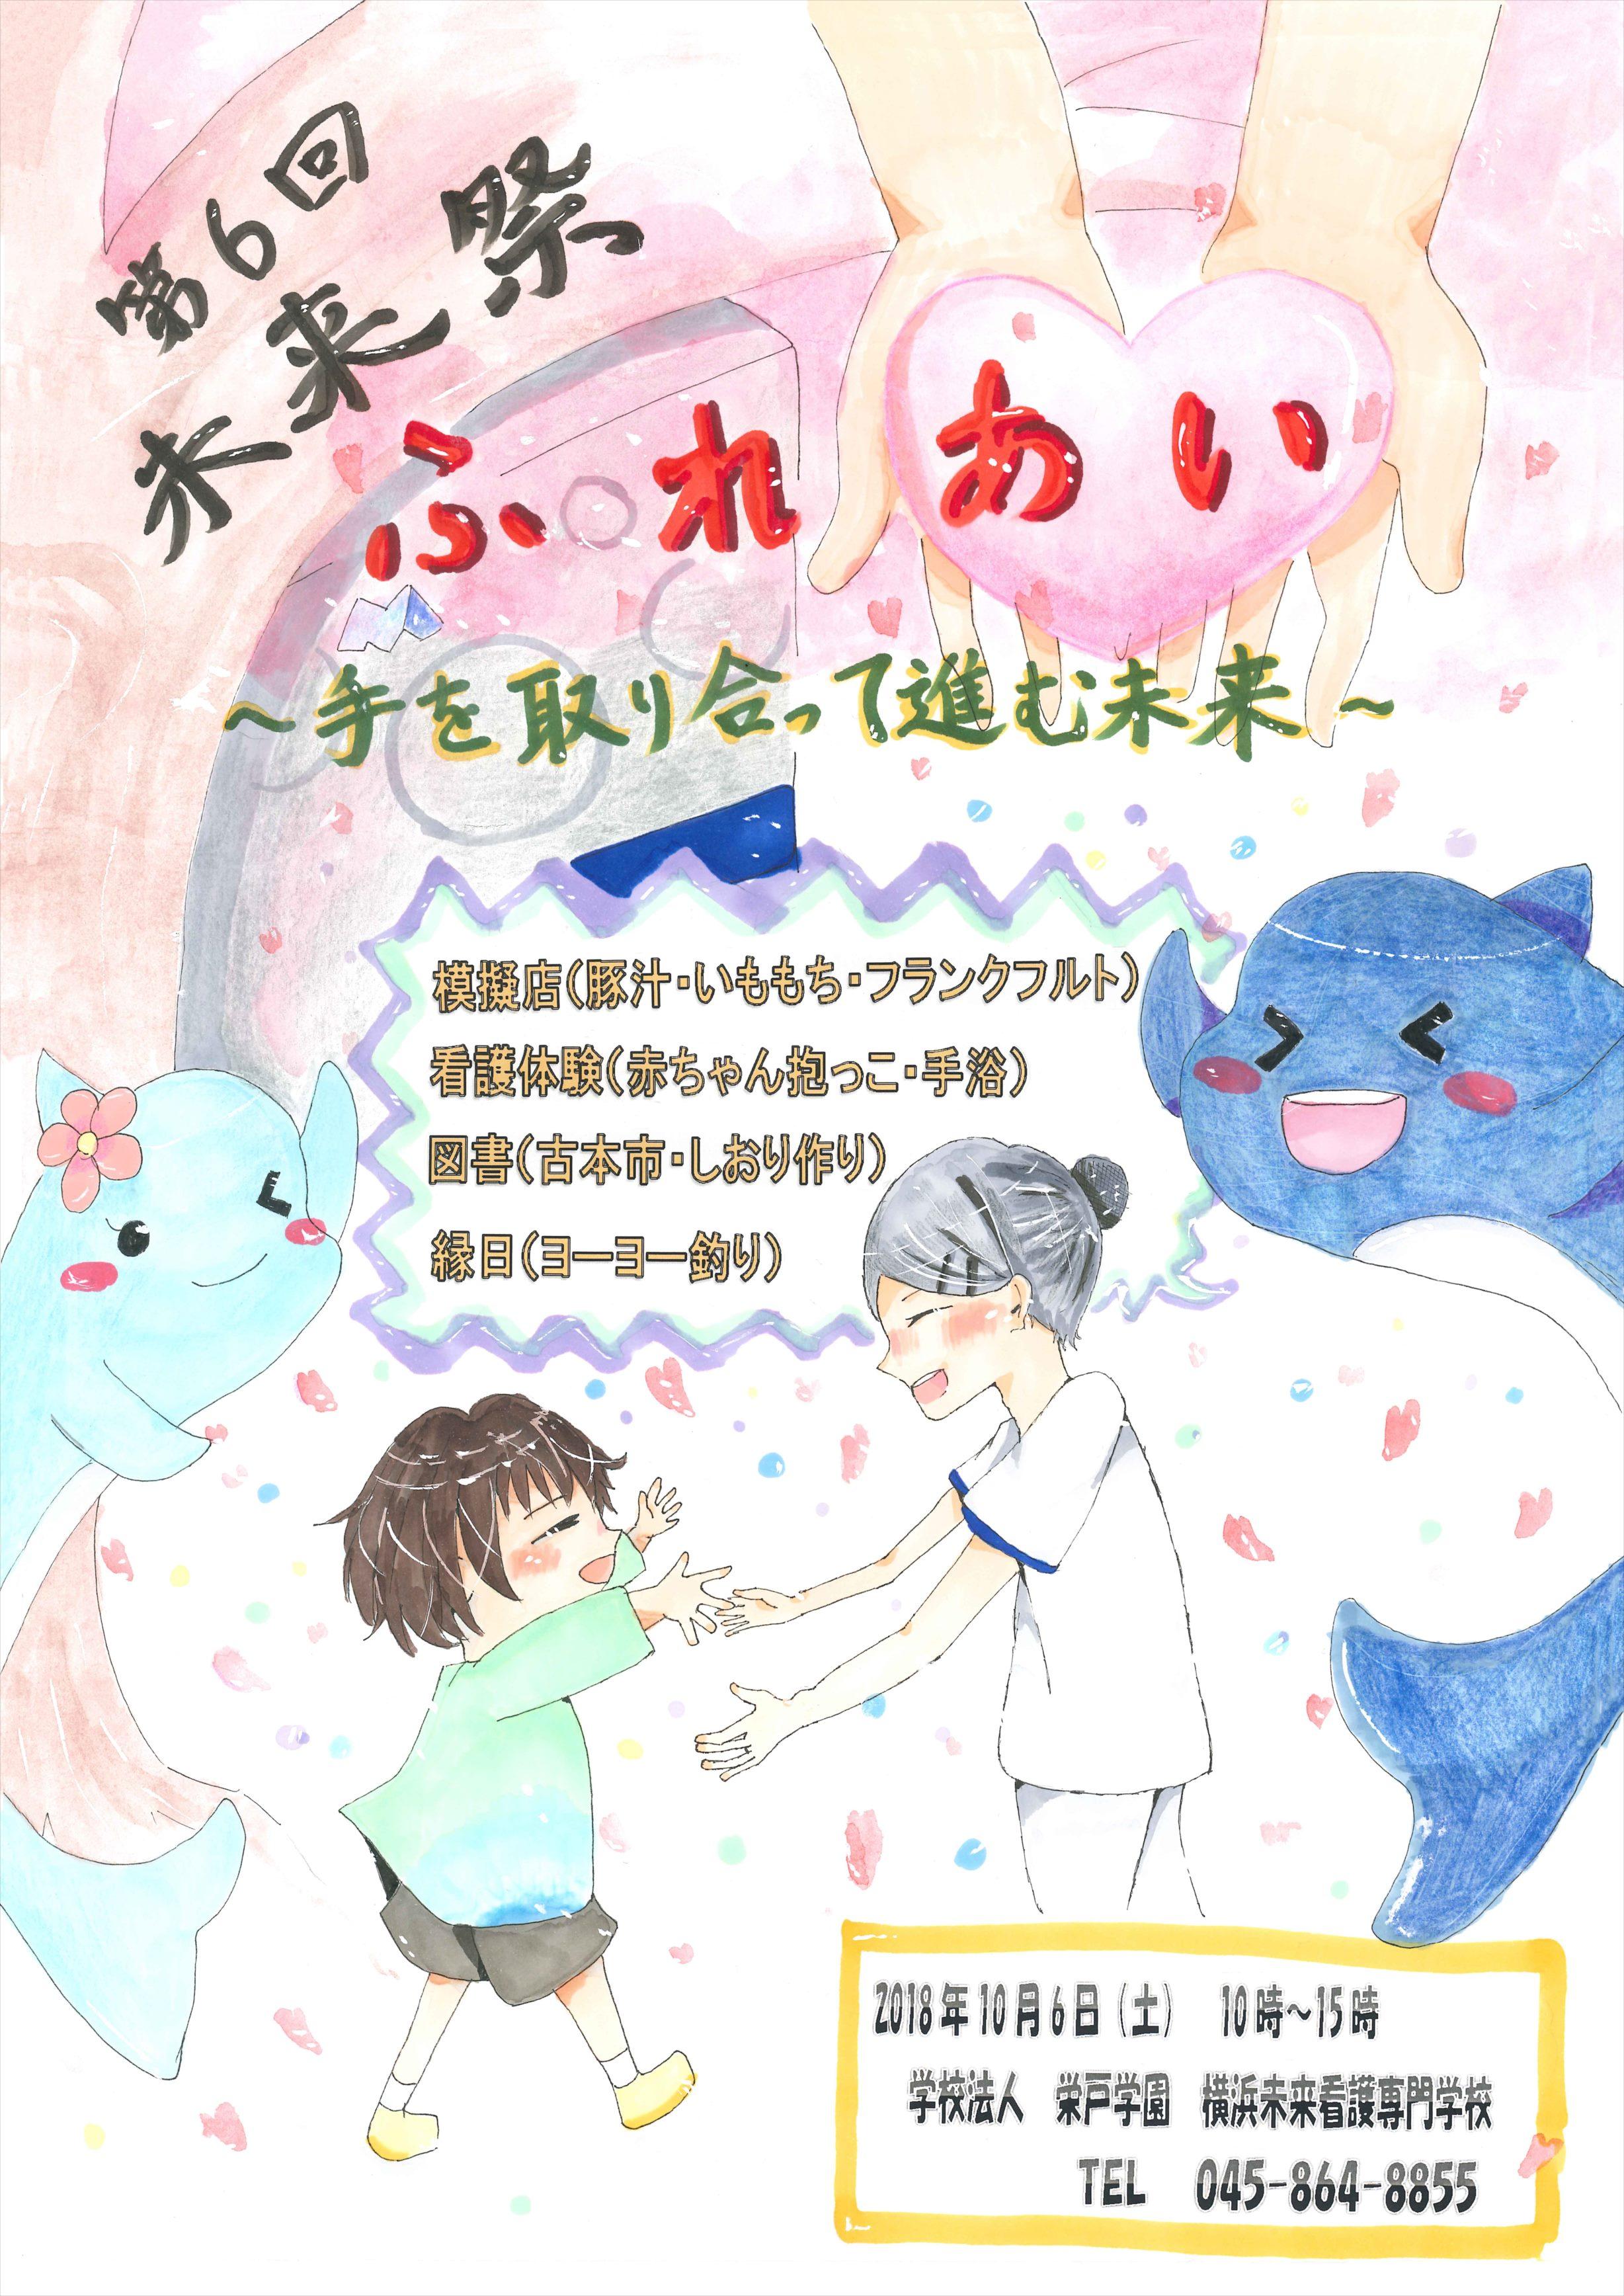 横浜未来看護学校文化祭『未来祭』2018/10/06<br />